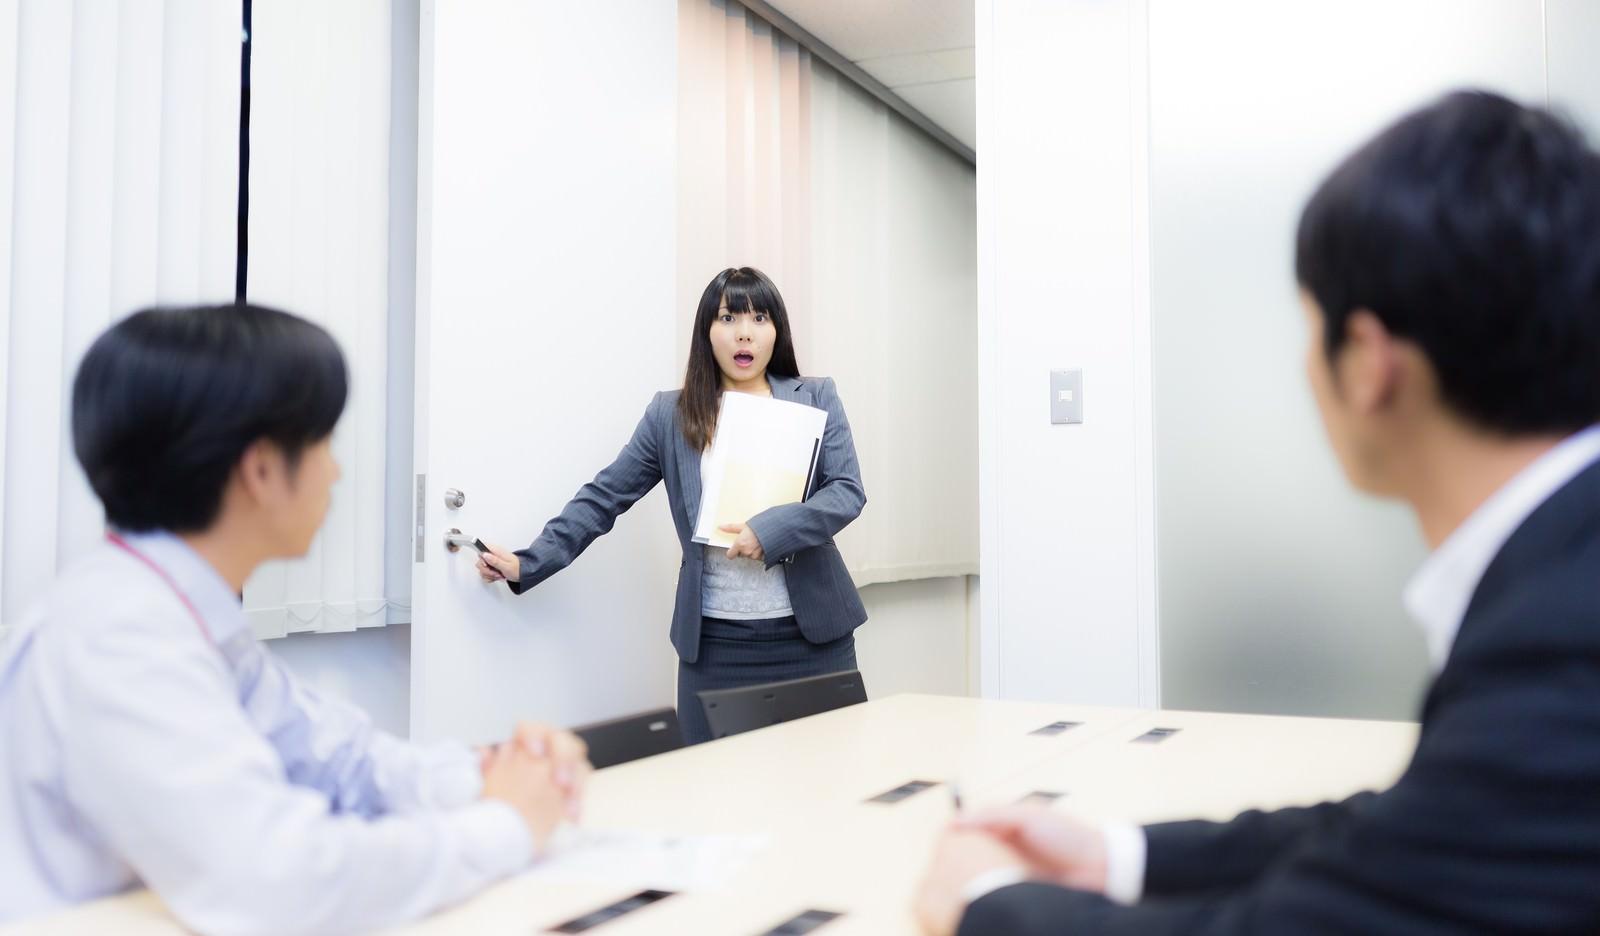 「会議室を間違え目を丸くするドジっ子」の写真[モデル:Lala]